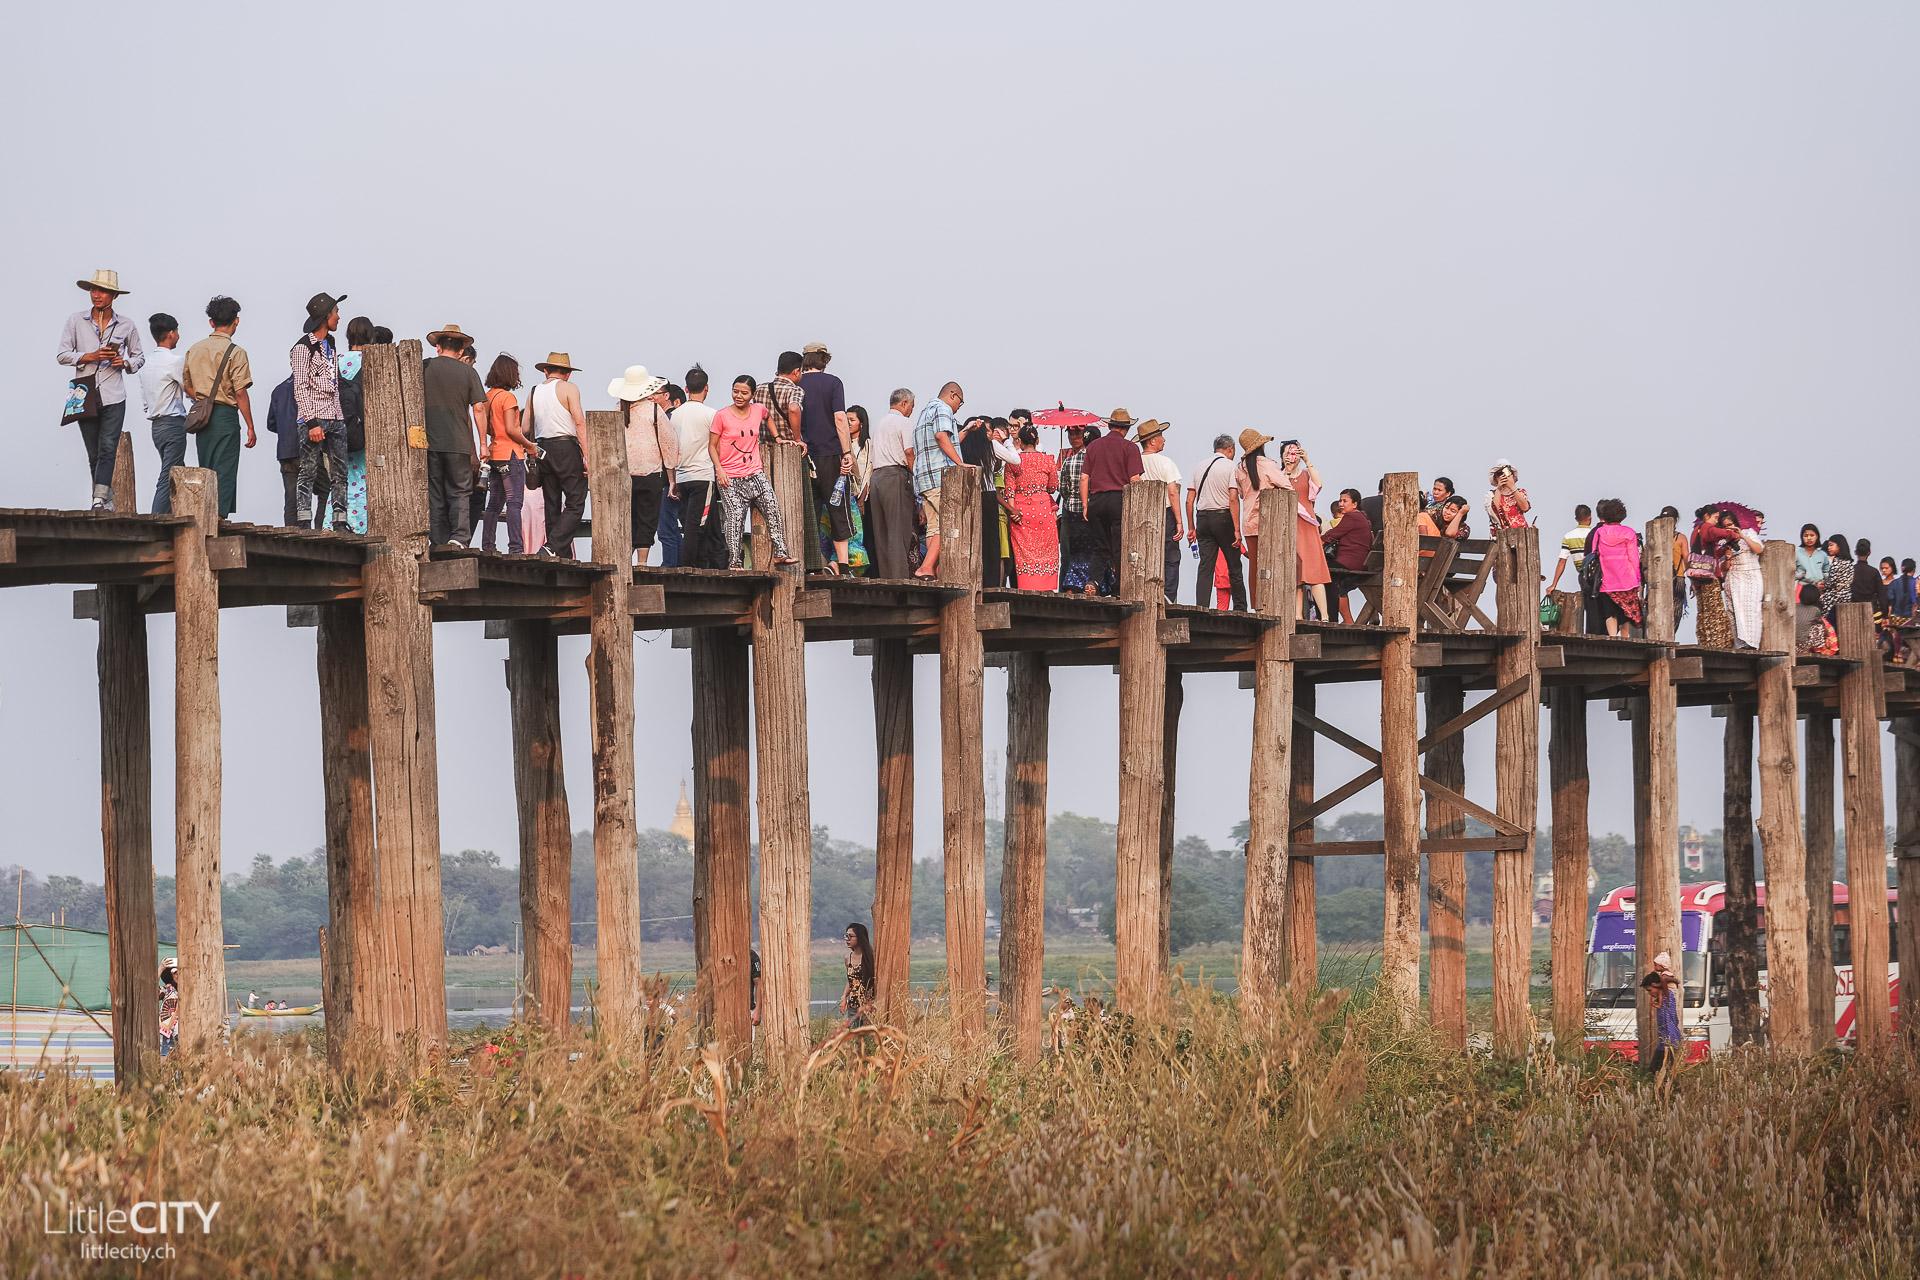 U Bein Brücke Mandalay Sehenswürdigkeiten